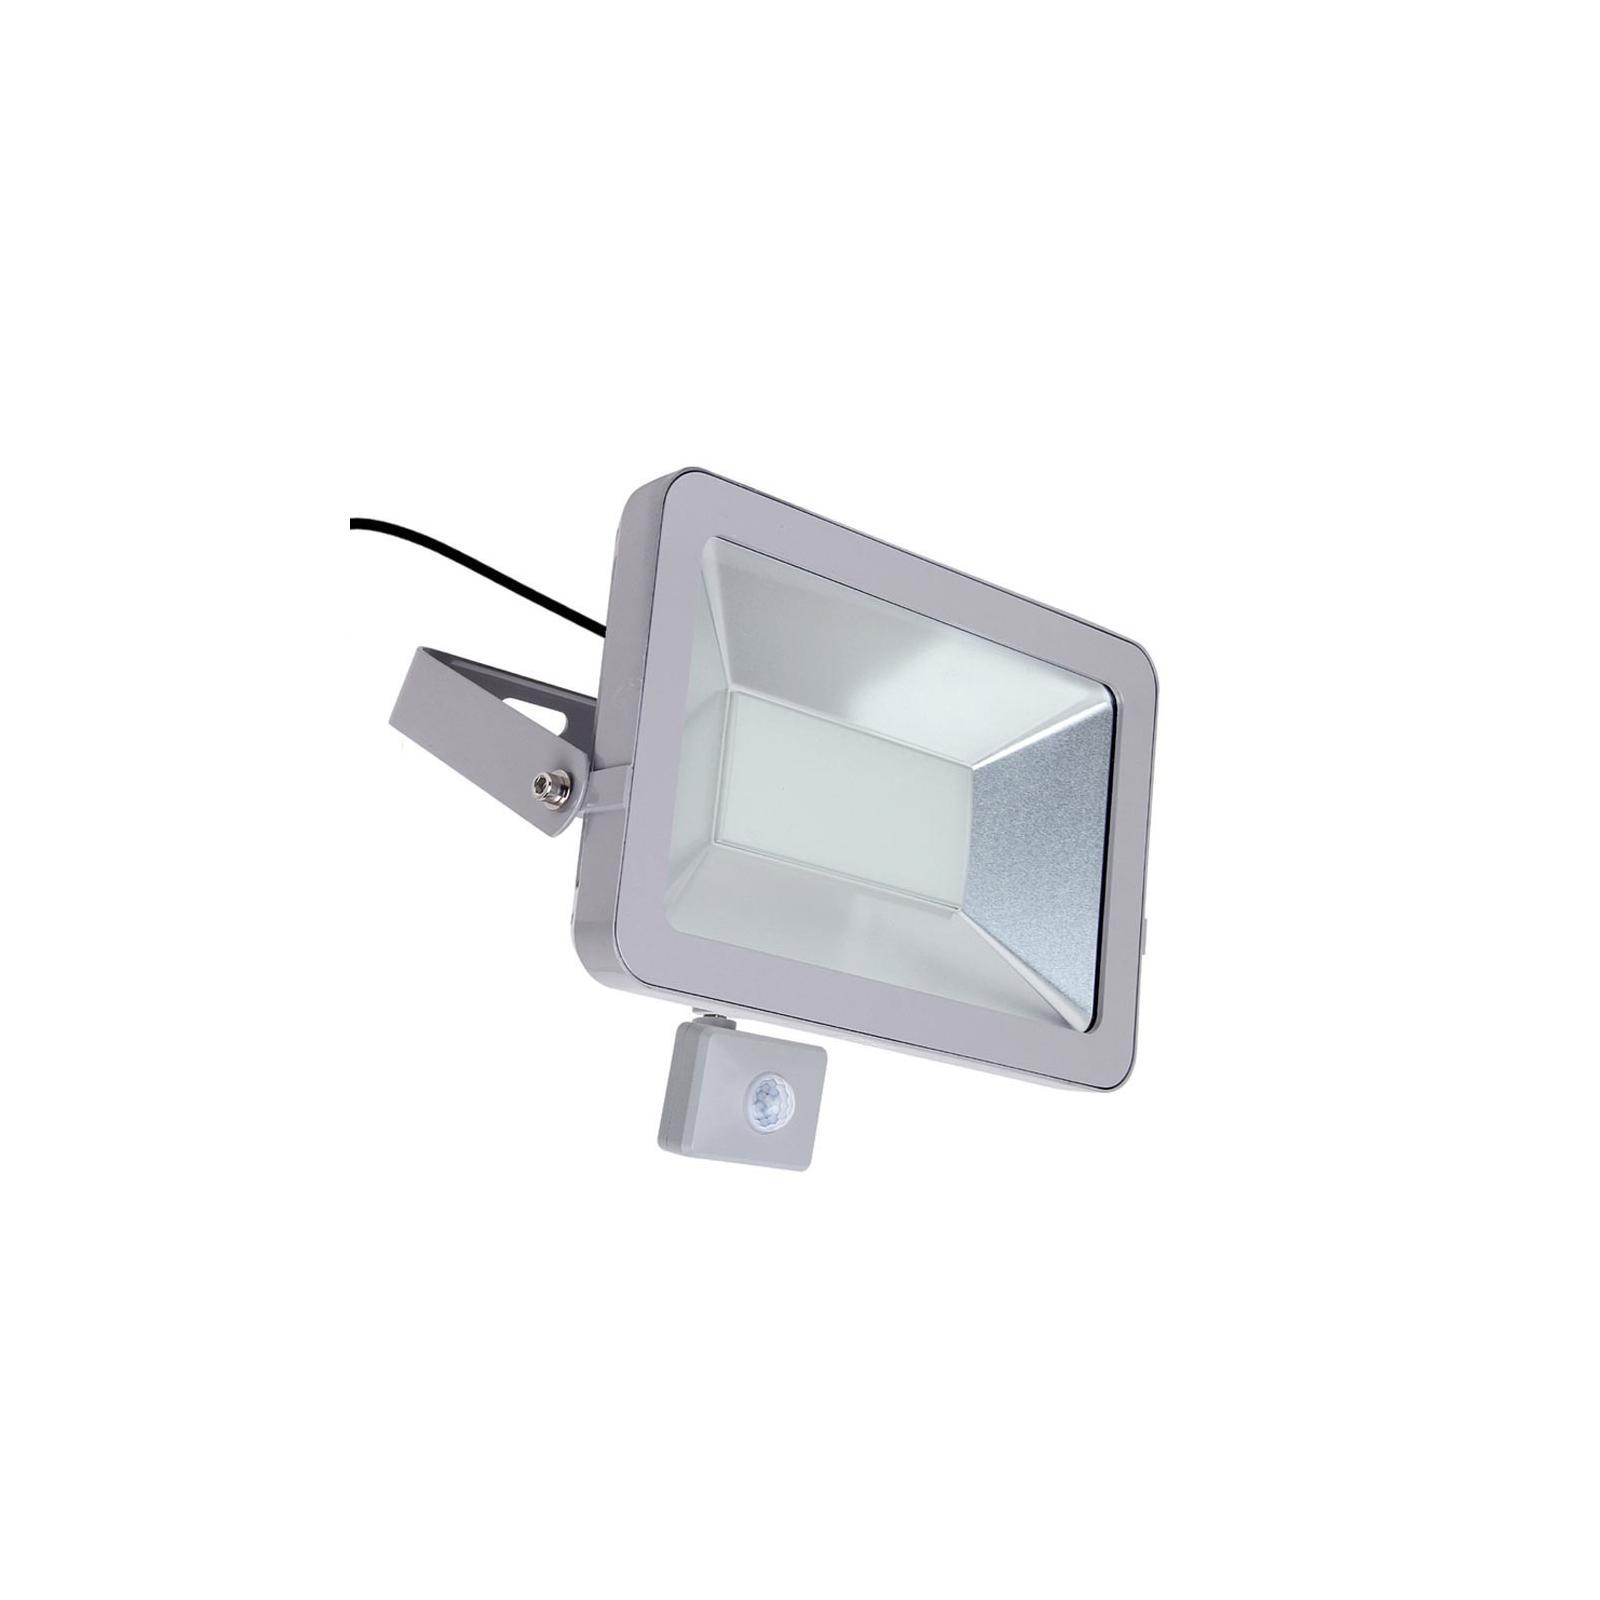 Projecteur LED 50W Classic Detecteur Mouvement 6000K Blanc Froid